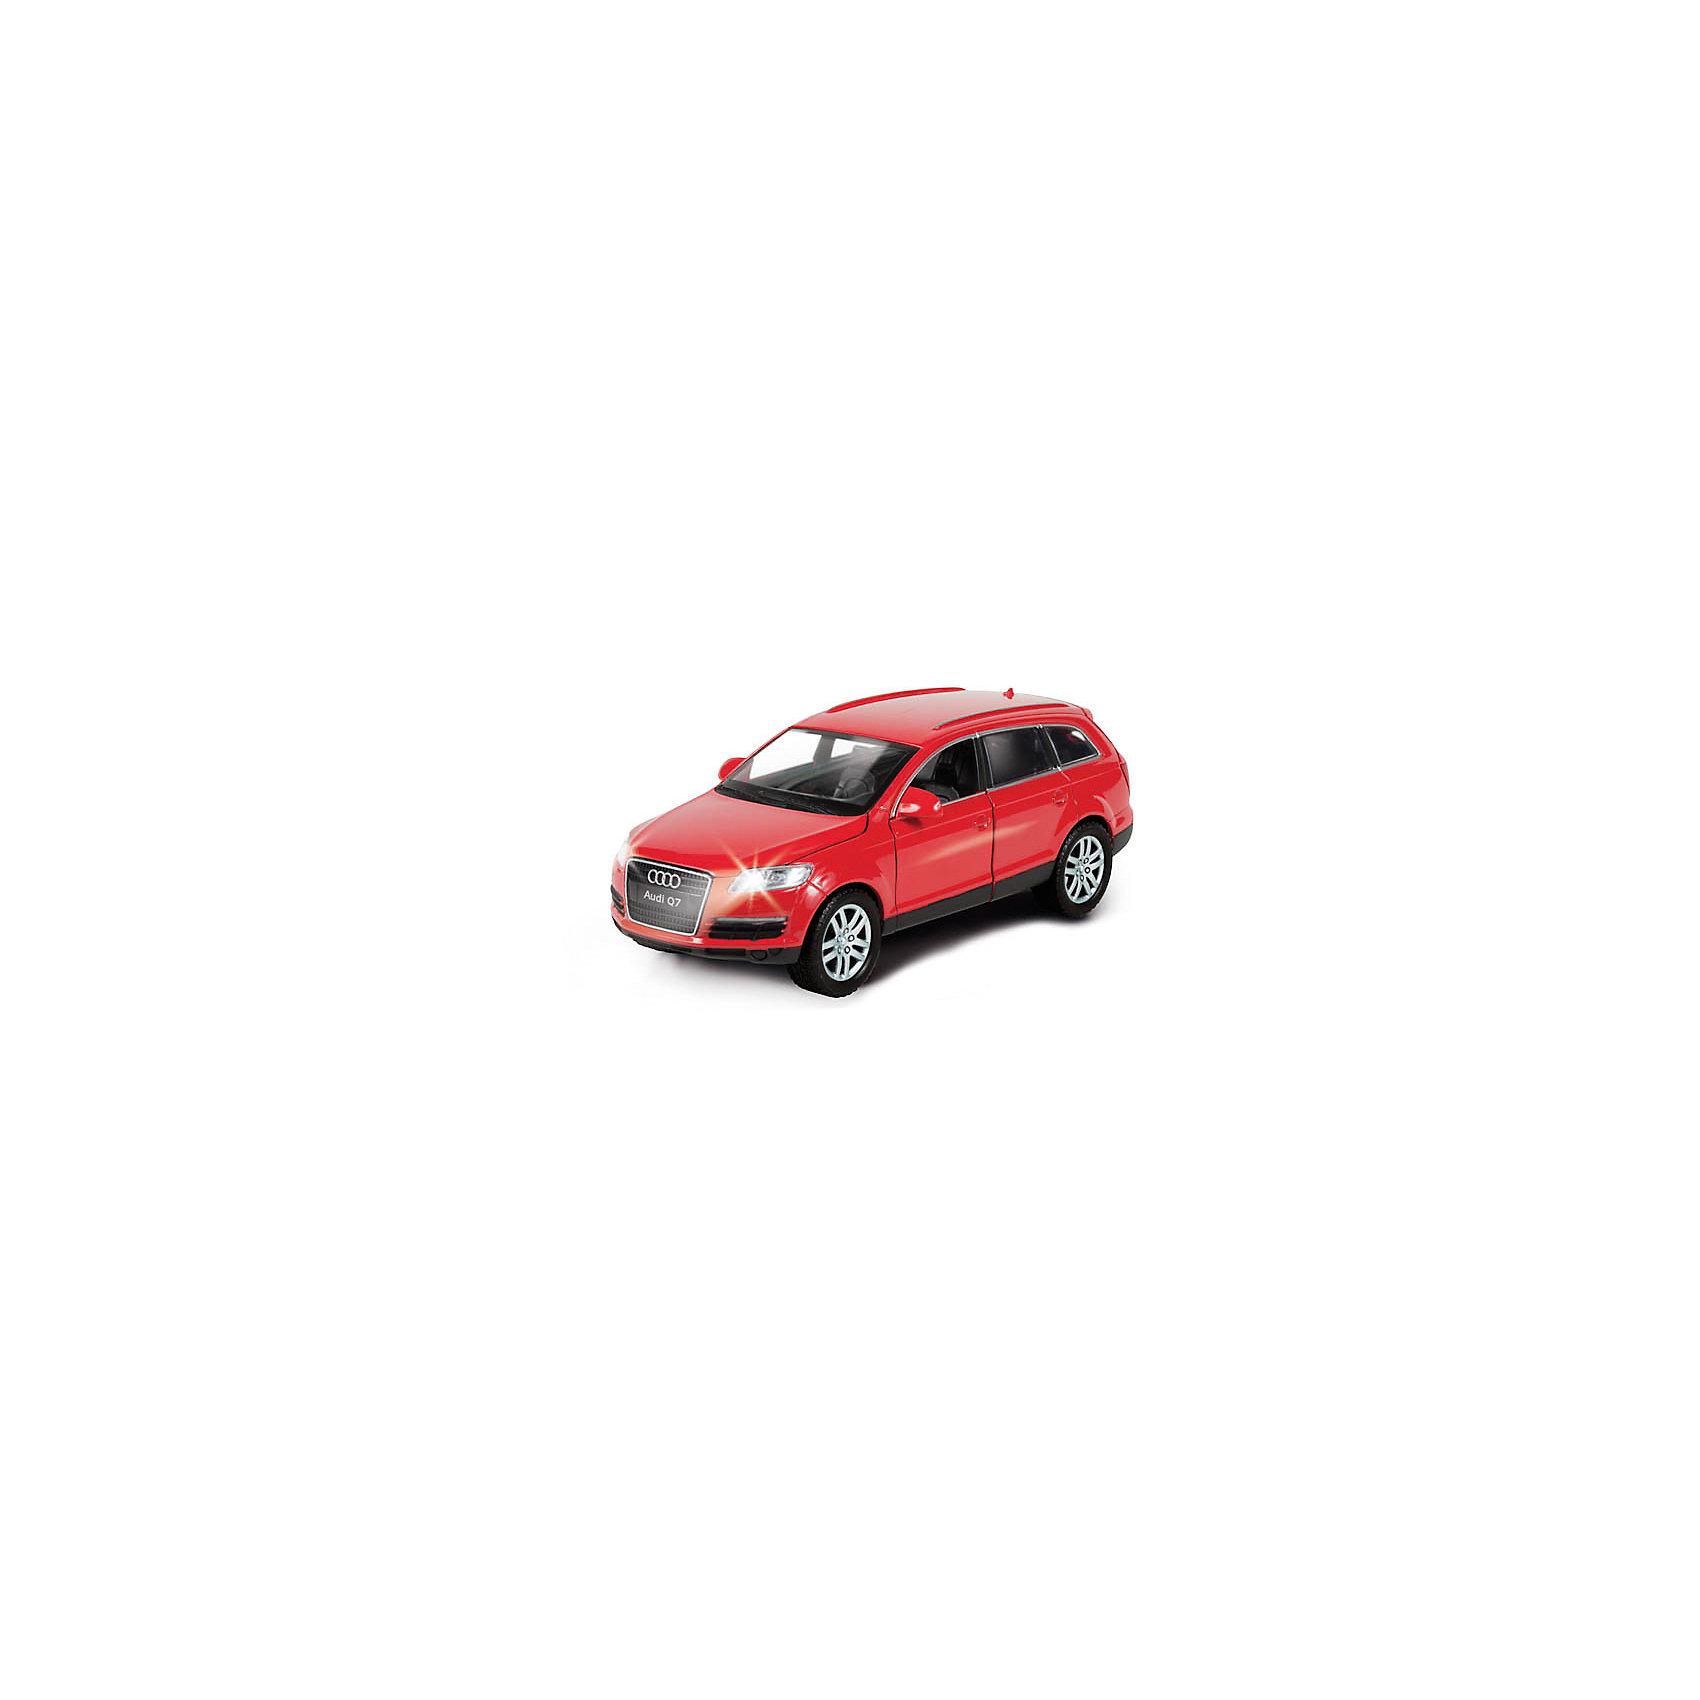 Машина Audi, со светом и звуком, ТЕХНОПАРКМашинки<br>Машина Audi Q7 - современный мощный джип, который все мальчишки мечтают получить для своей коллекции. Машинка отлично детализирована, у нее открываются двери, багажник и капот. Можно детально рассмотреть салон. Игру сделают еще реалистичнее световые и звуковые эффекты. Модель Audi Q7 оснащена инерционным механизмом, поэтому может двигаться вперед на отличной скорости. Чтобы привести инерционный механизм в действие, откатите машинку назад, держа ее за крышу и чуть надавливая на нее, а затем отпустите. Родителей особенно порадуют широкие обрезиненные колеса, которые не испортят напольное покрытие. Машина Audi Q7 от ТЕХНОПАРК - отличное дополнение для коллекции машинок ребенка!  <br><br>Дополнительная информация:<br><br>- Прекрасная детализация;<br>- Реалистичные световые и звуковые эффекты;<br>- Материал: металл, пластик;<br>- Размер упаковки: 22 х 9 х 14 см;<br>- Вес: 400 г<br><br>Машину Audi, со светом и звуком, ТЕХНОПАРК можно купить в нашем интернет-магазине.<br><br>Ширина мм: 220<br>Глубина мм: 90<br>Высота мм: 140<br>Вес г: 400<br>Возраст от месяцев: 36<br>Возраст до месяцев: 144<br>Пол: Мужской<br>Возраст: Детский<br>SKU: 4082944